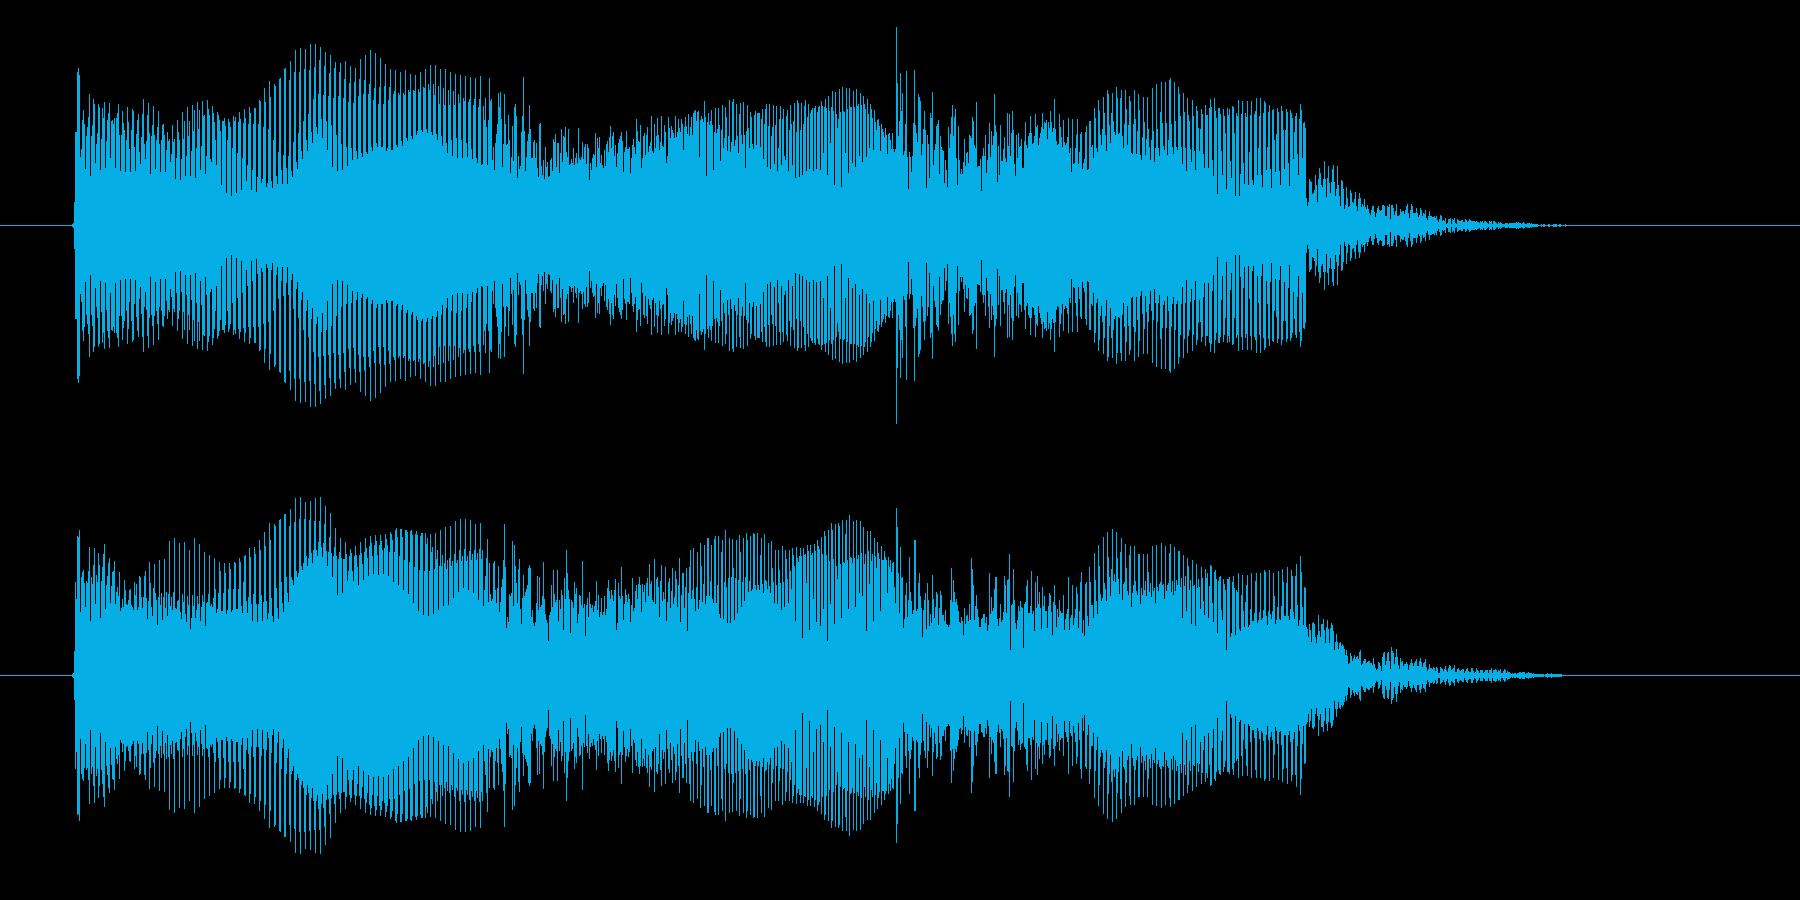 宇宙感のあるシンセ音(撃つ、ゲーム)の再生済みの波形